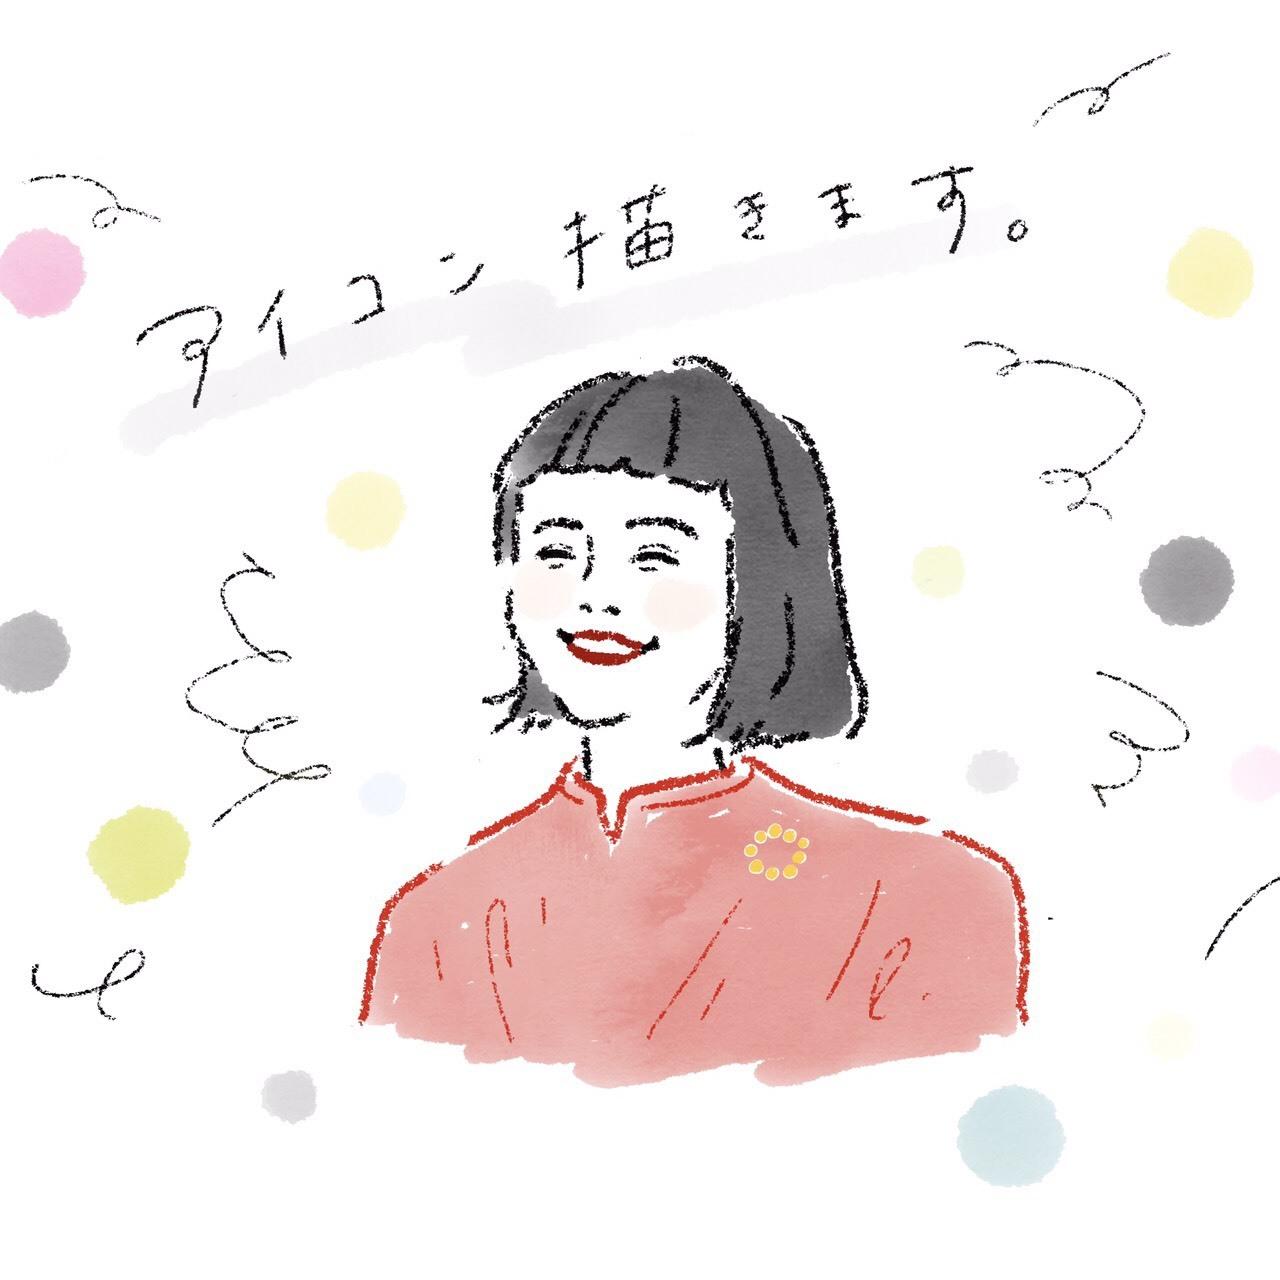 アイコン描きます。